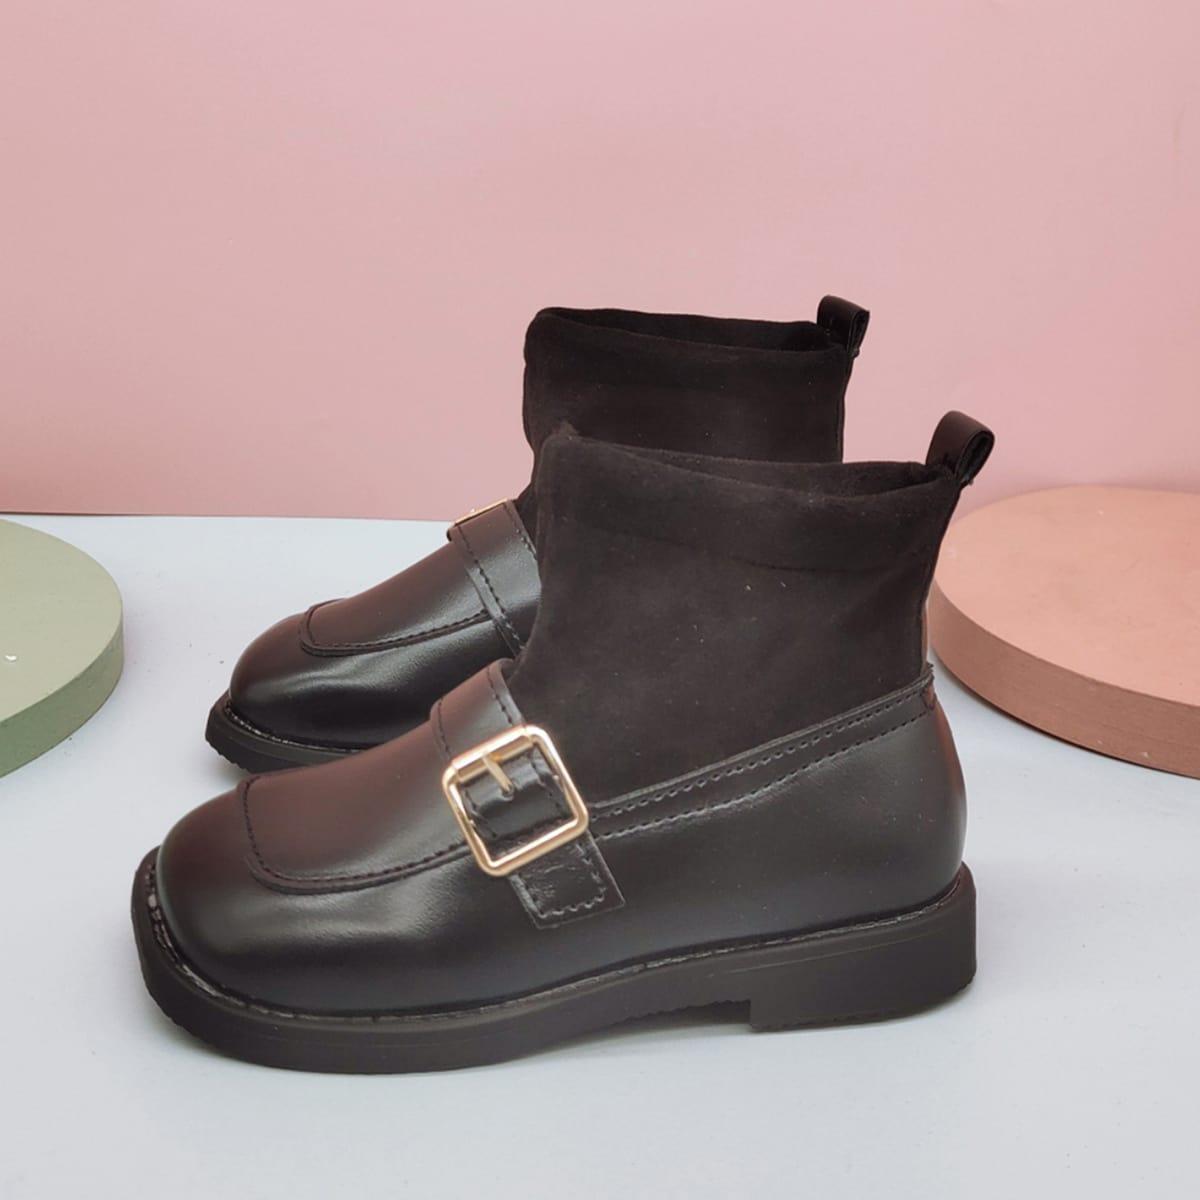 Ботинки с пряжкой для девочек SheIn sk2108088948439808